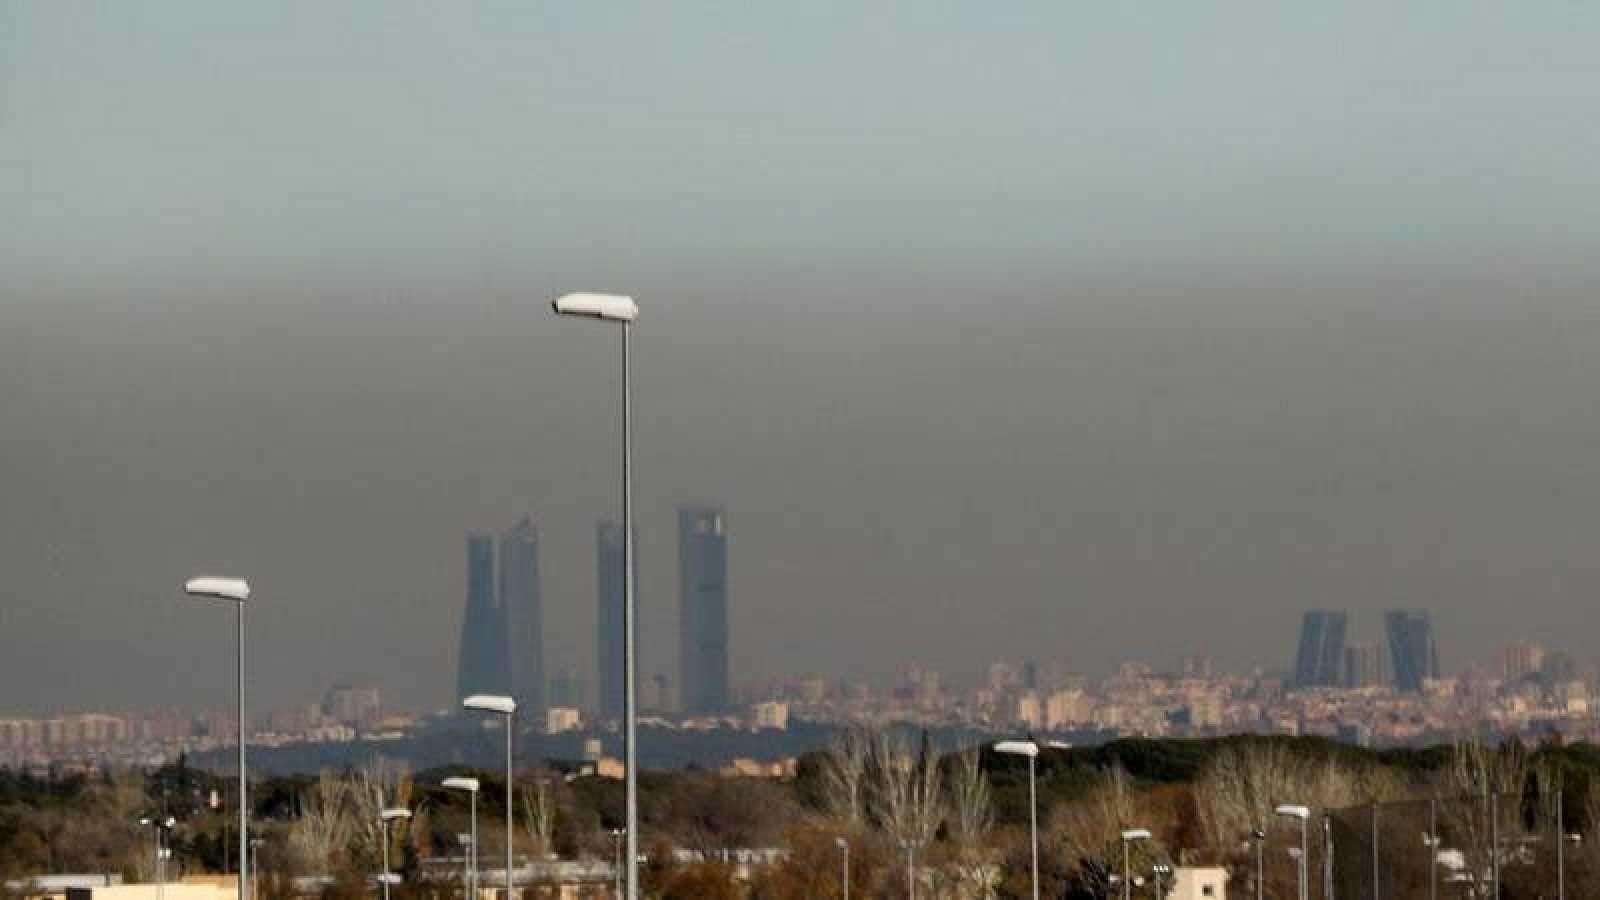 Restricciones del automóvil en España